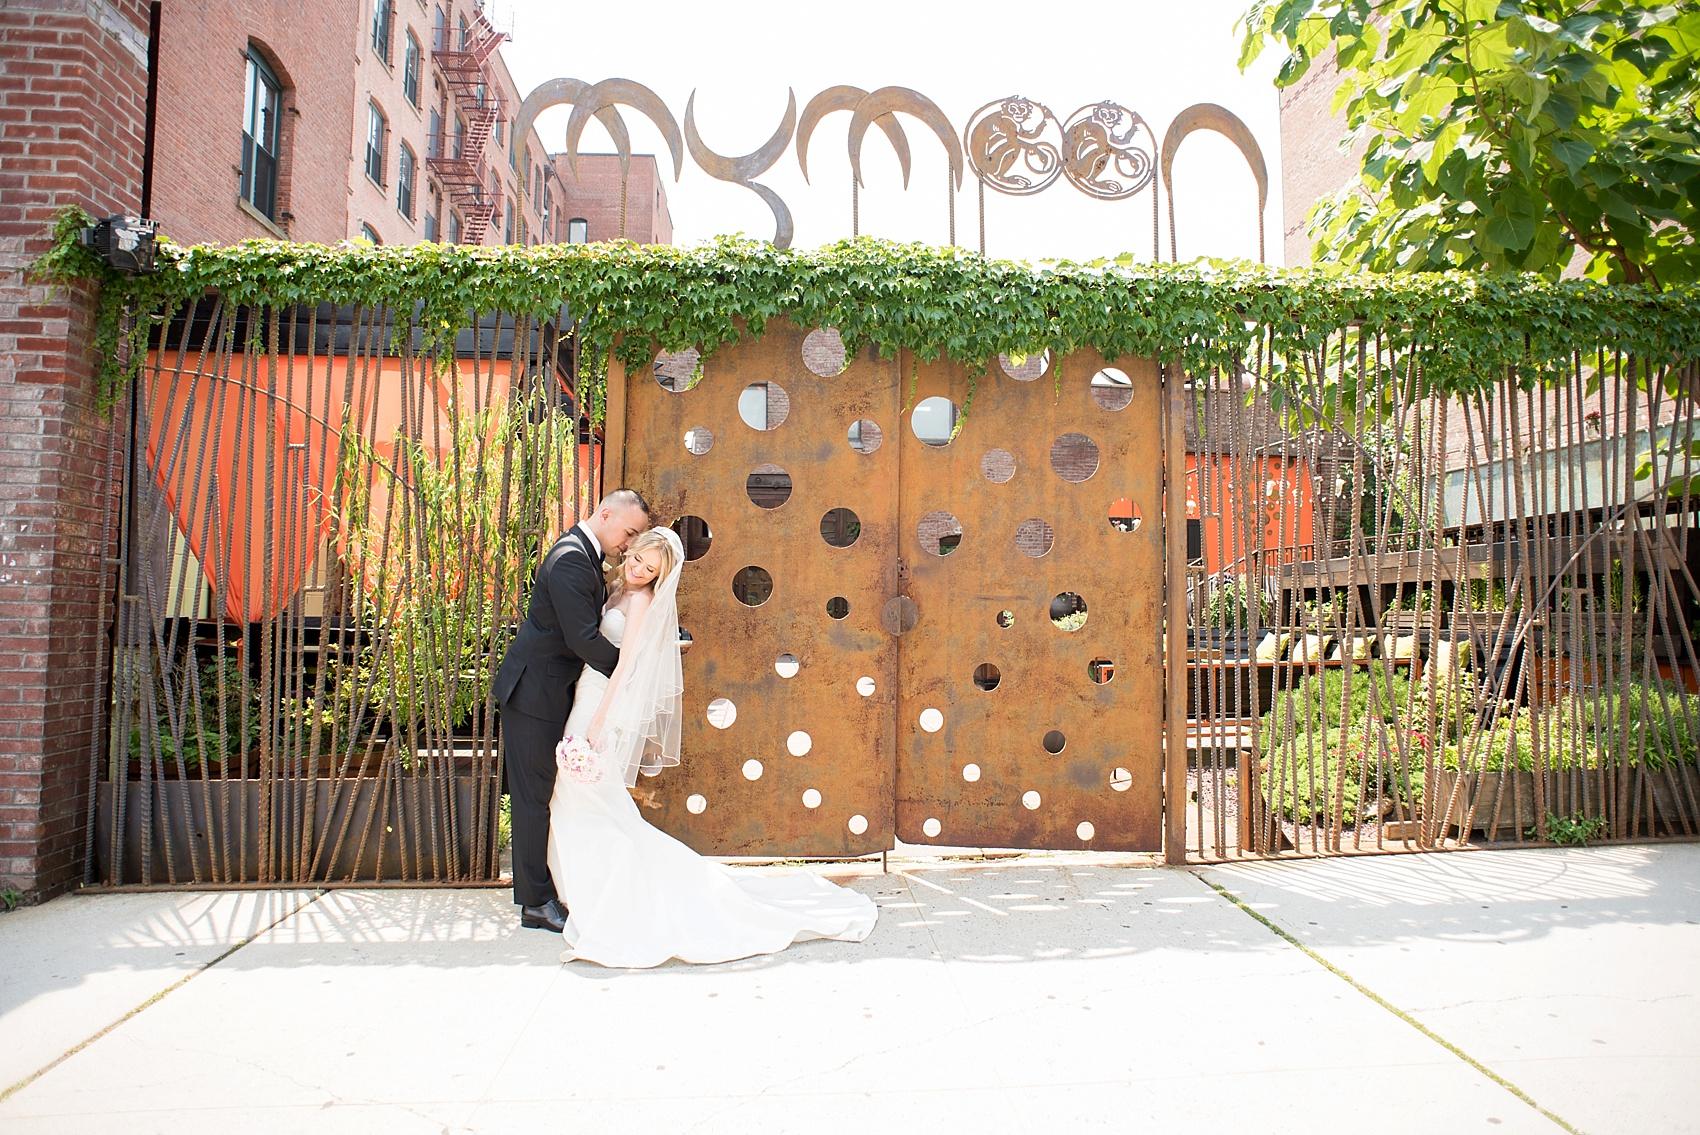 My Moon Wedding Photos • Brooklyn • Melanie + Jarrett | Raleigh and ...